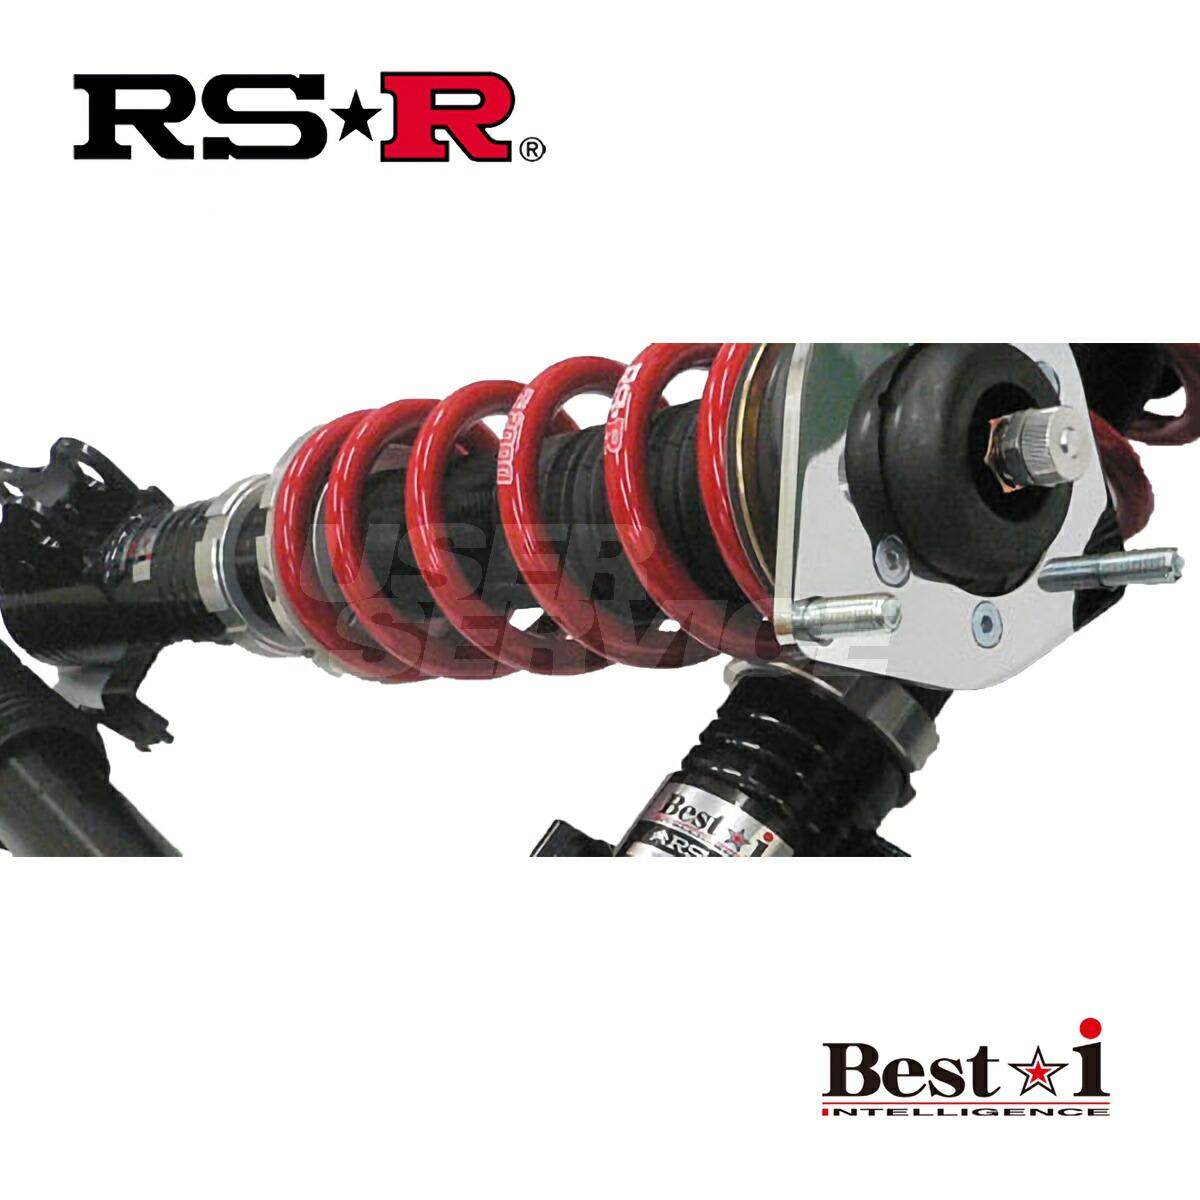 RS-R セルシオ C仕様 UCF31 車高調 リア車高調整:全長式 LIT285MA ベストi アクティブ RSR 条件付き送料無料